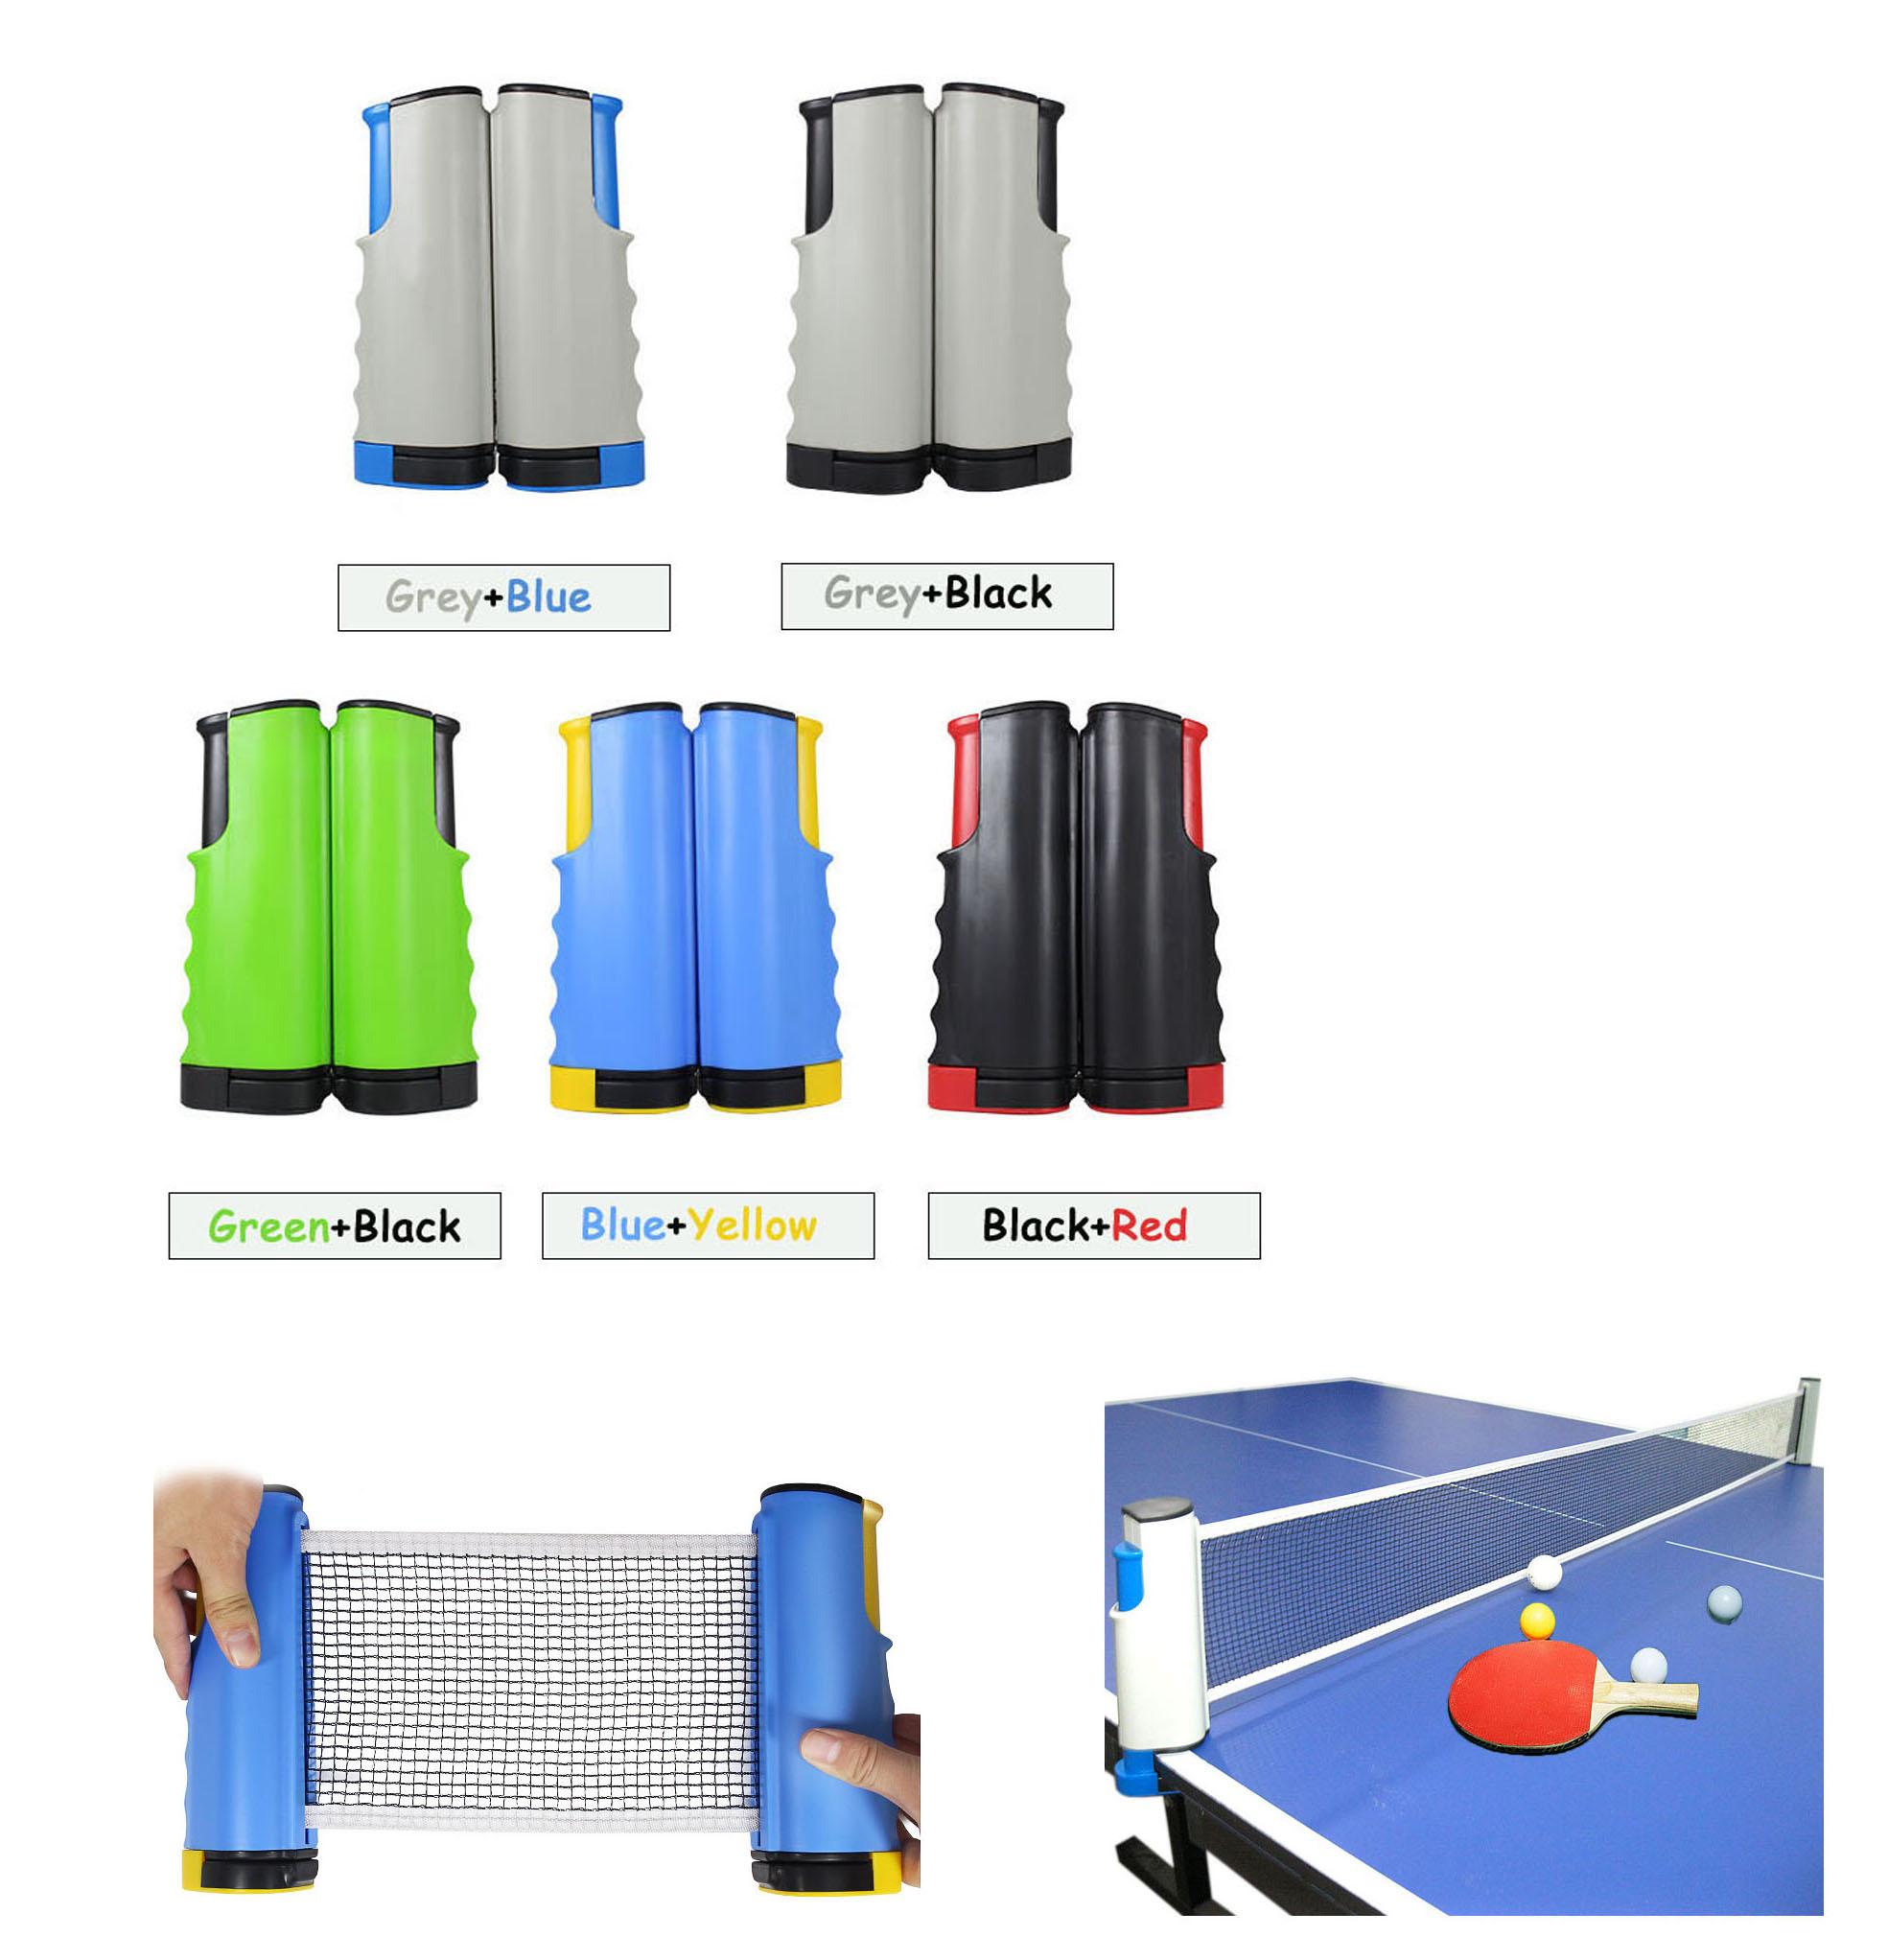 Schlägersportarten Verantwortlich Freies Verschiffen 190 Cm Max Länge Tragbare Einfache Clip-auf Versenkbaren Tisch Tennis Net Rack Kit Für Pingpong Spielen ZuverläSsige Leistung